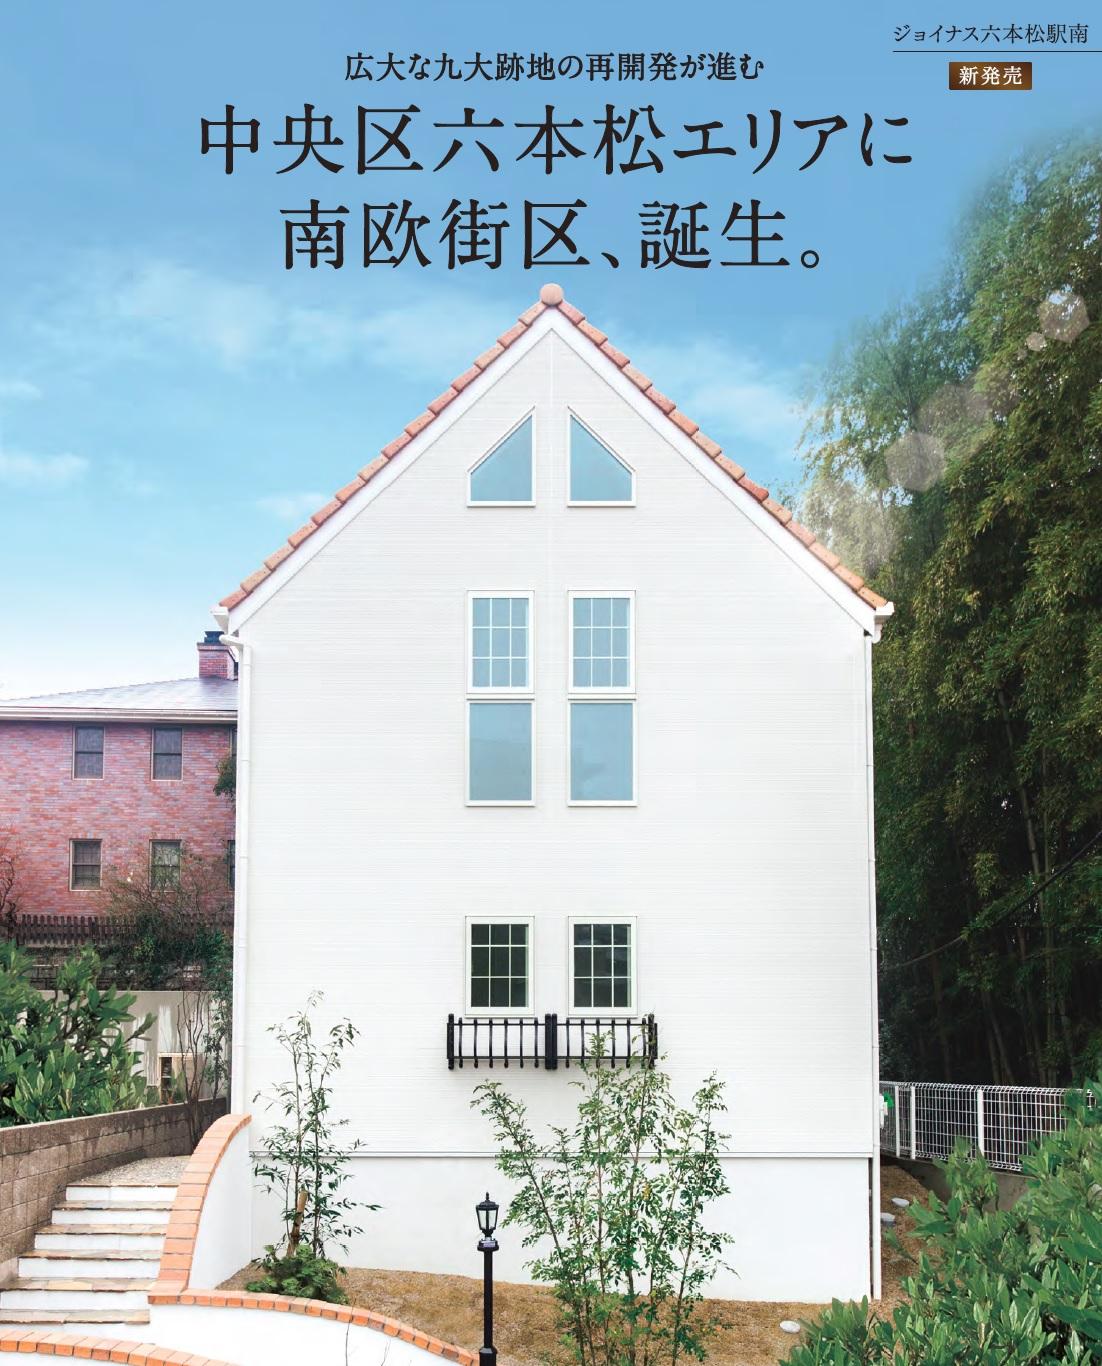 六本松駅南外観